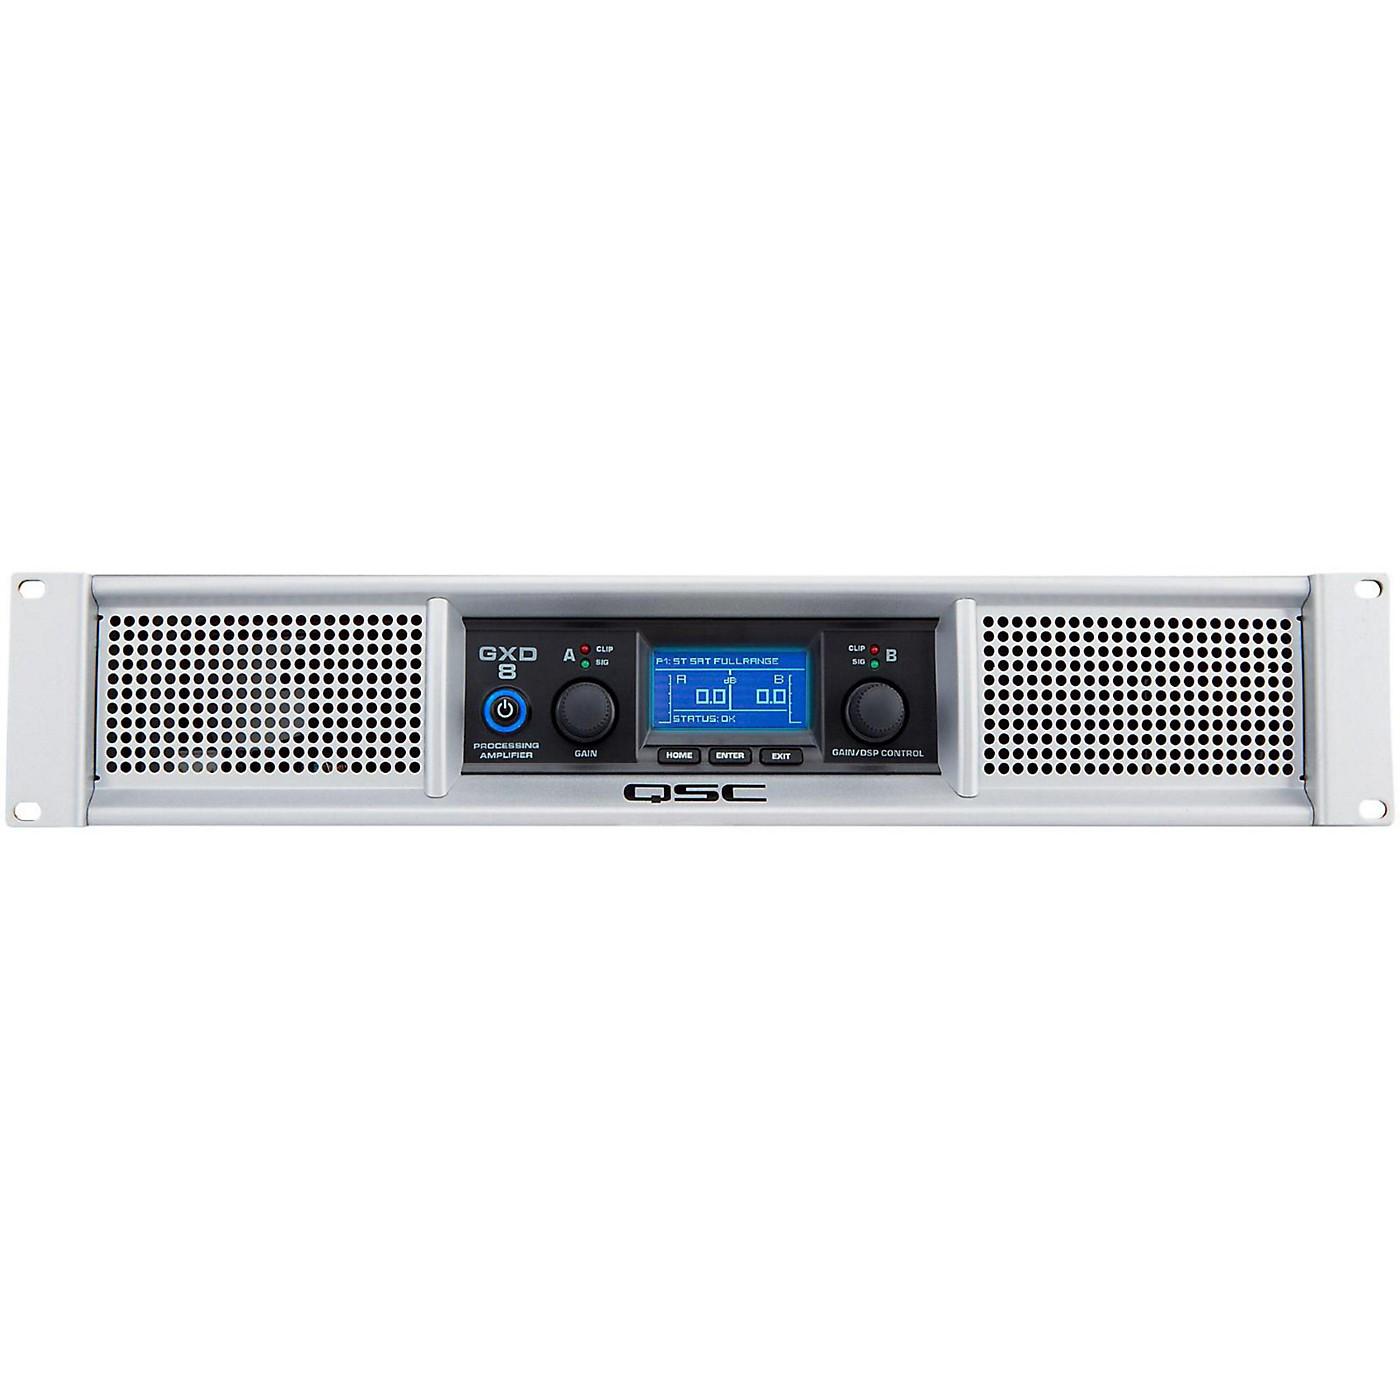 QSC GXD 8 Professional Power Amplifier thumbnail